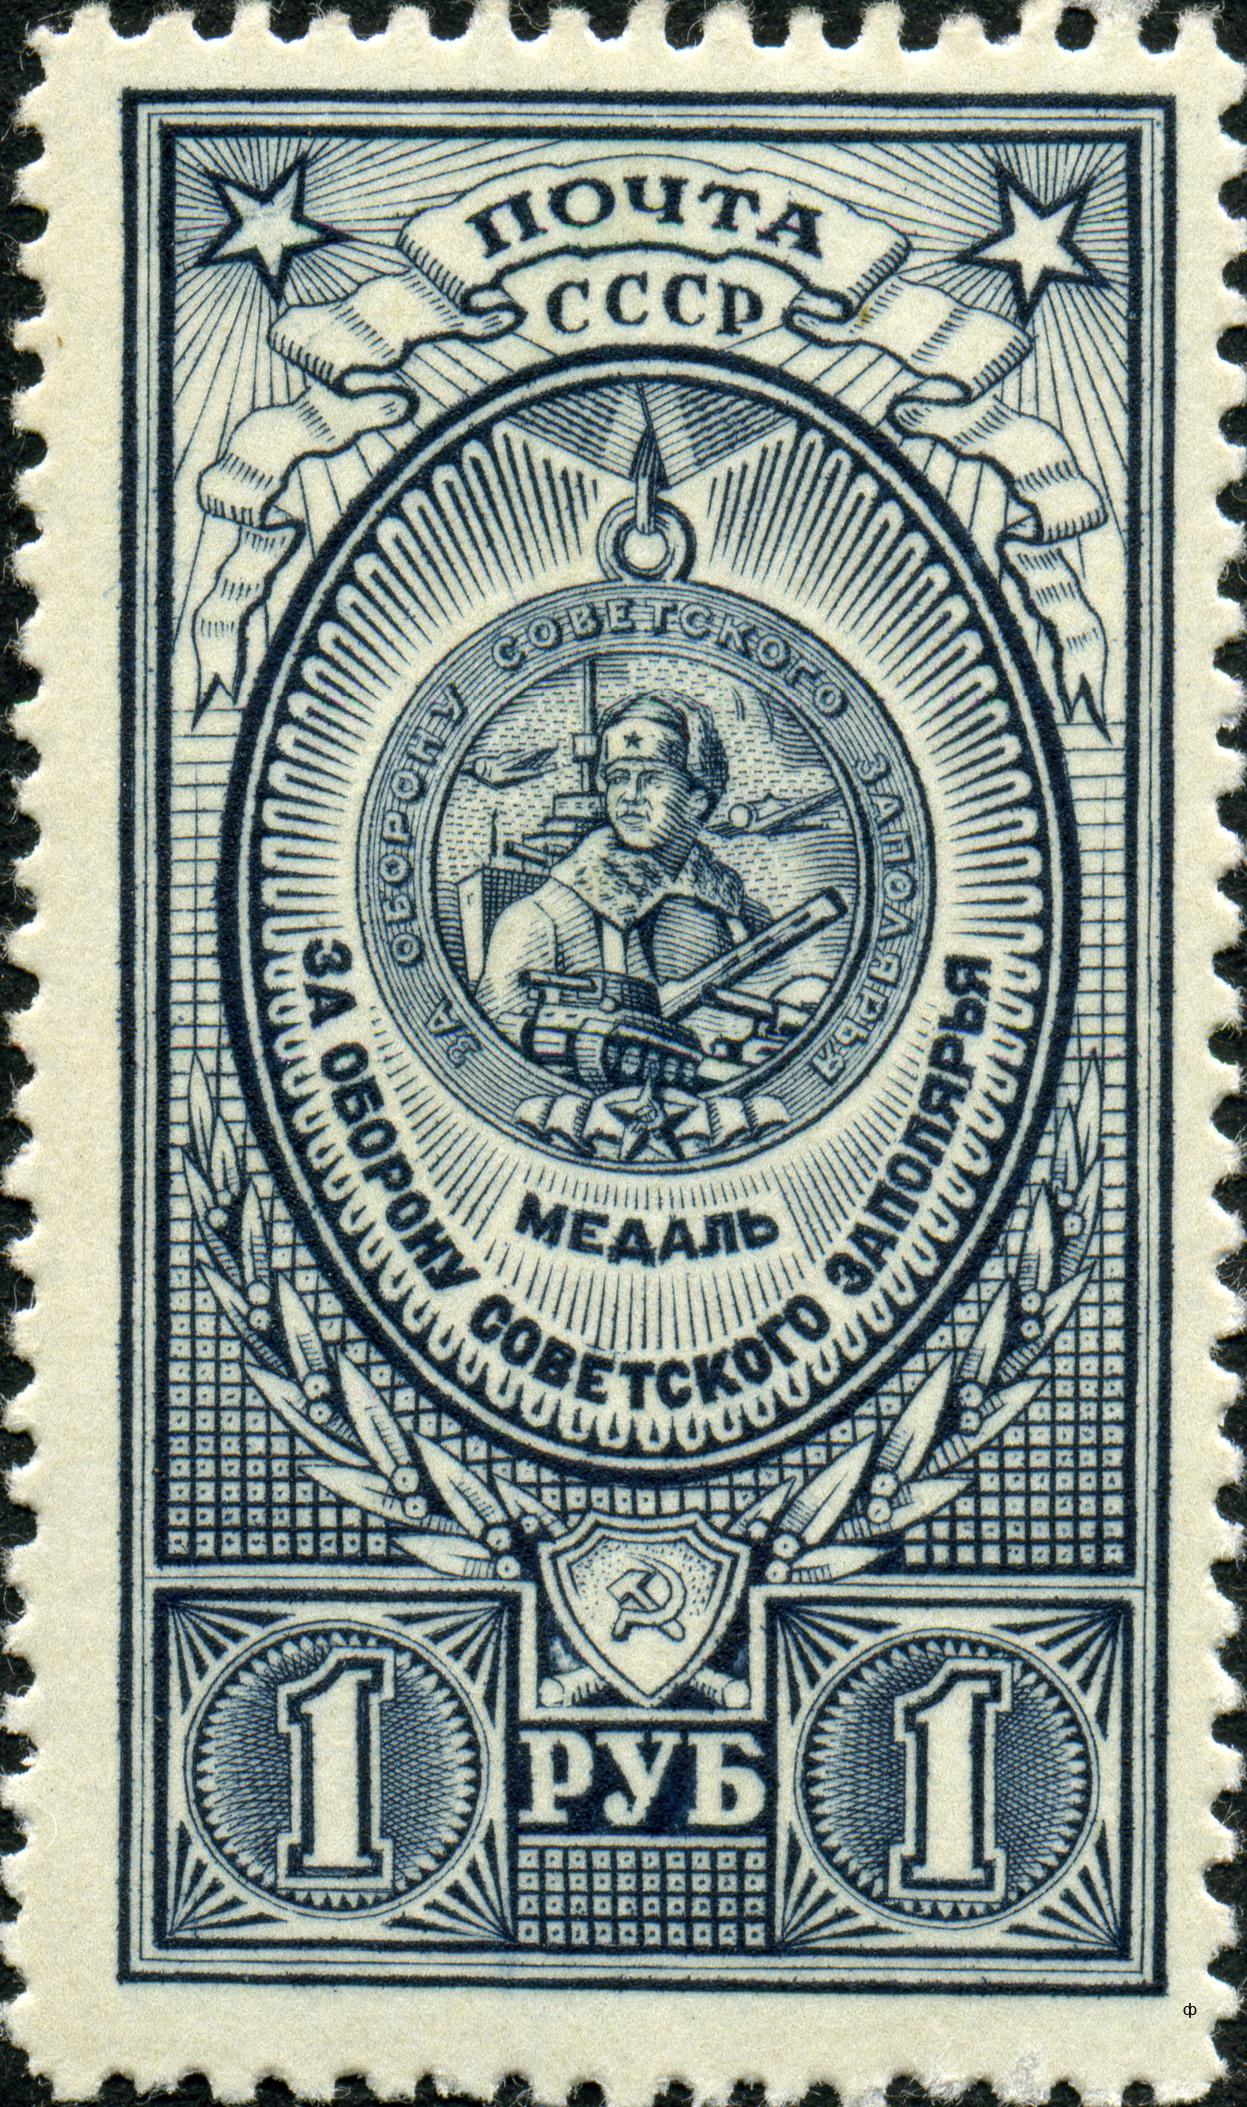 soviet postage stamp, soviet, mark rarities, postmark, post mark, post mark, Mail USSR, vintage postmark, ussr postmark